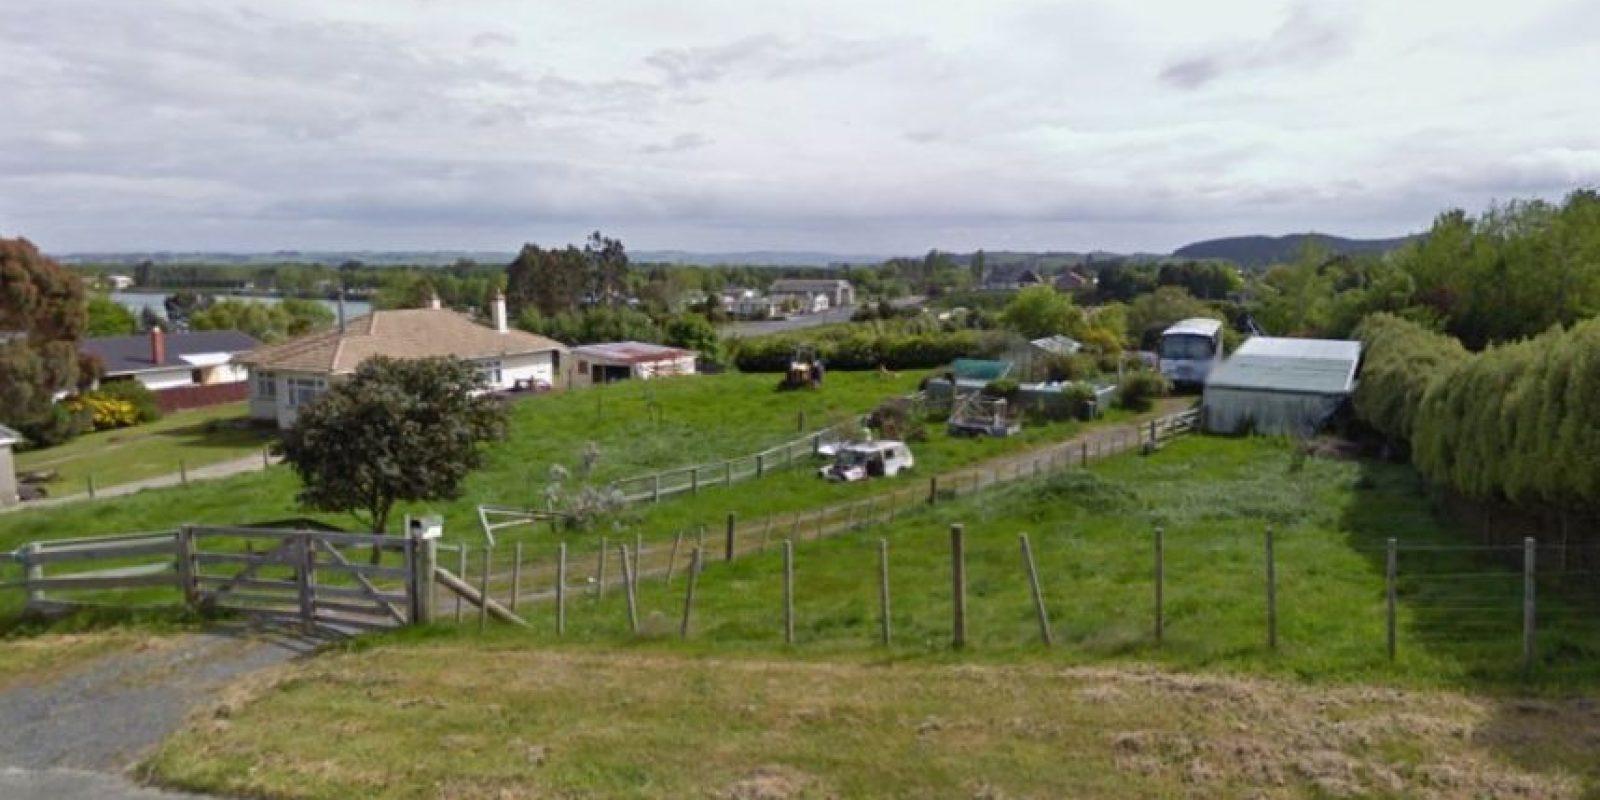 Ofrecen casas de hasta tres recámaras y un terreno por 163 mil dólares Foto:Twitter.com/sqipnews